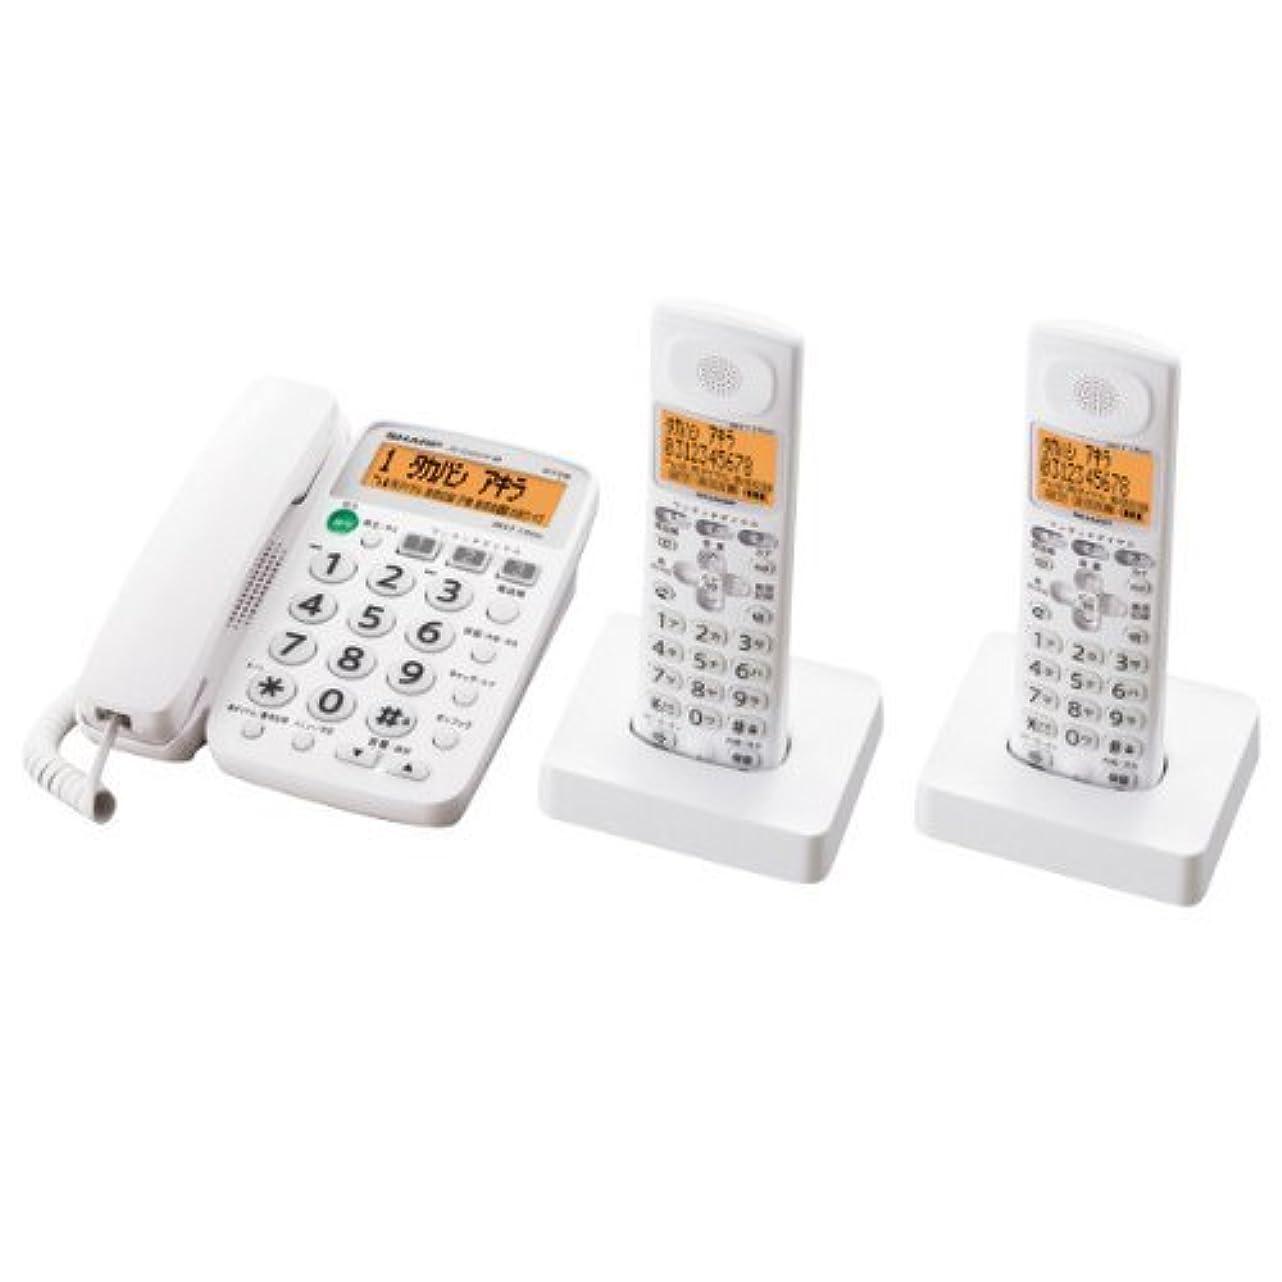 評価賢い群れシャープ デジタルコードレス電話機 子機2台付き 1.9GHz DECT準拠方式 JD-G30CW